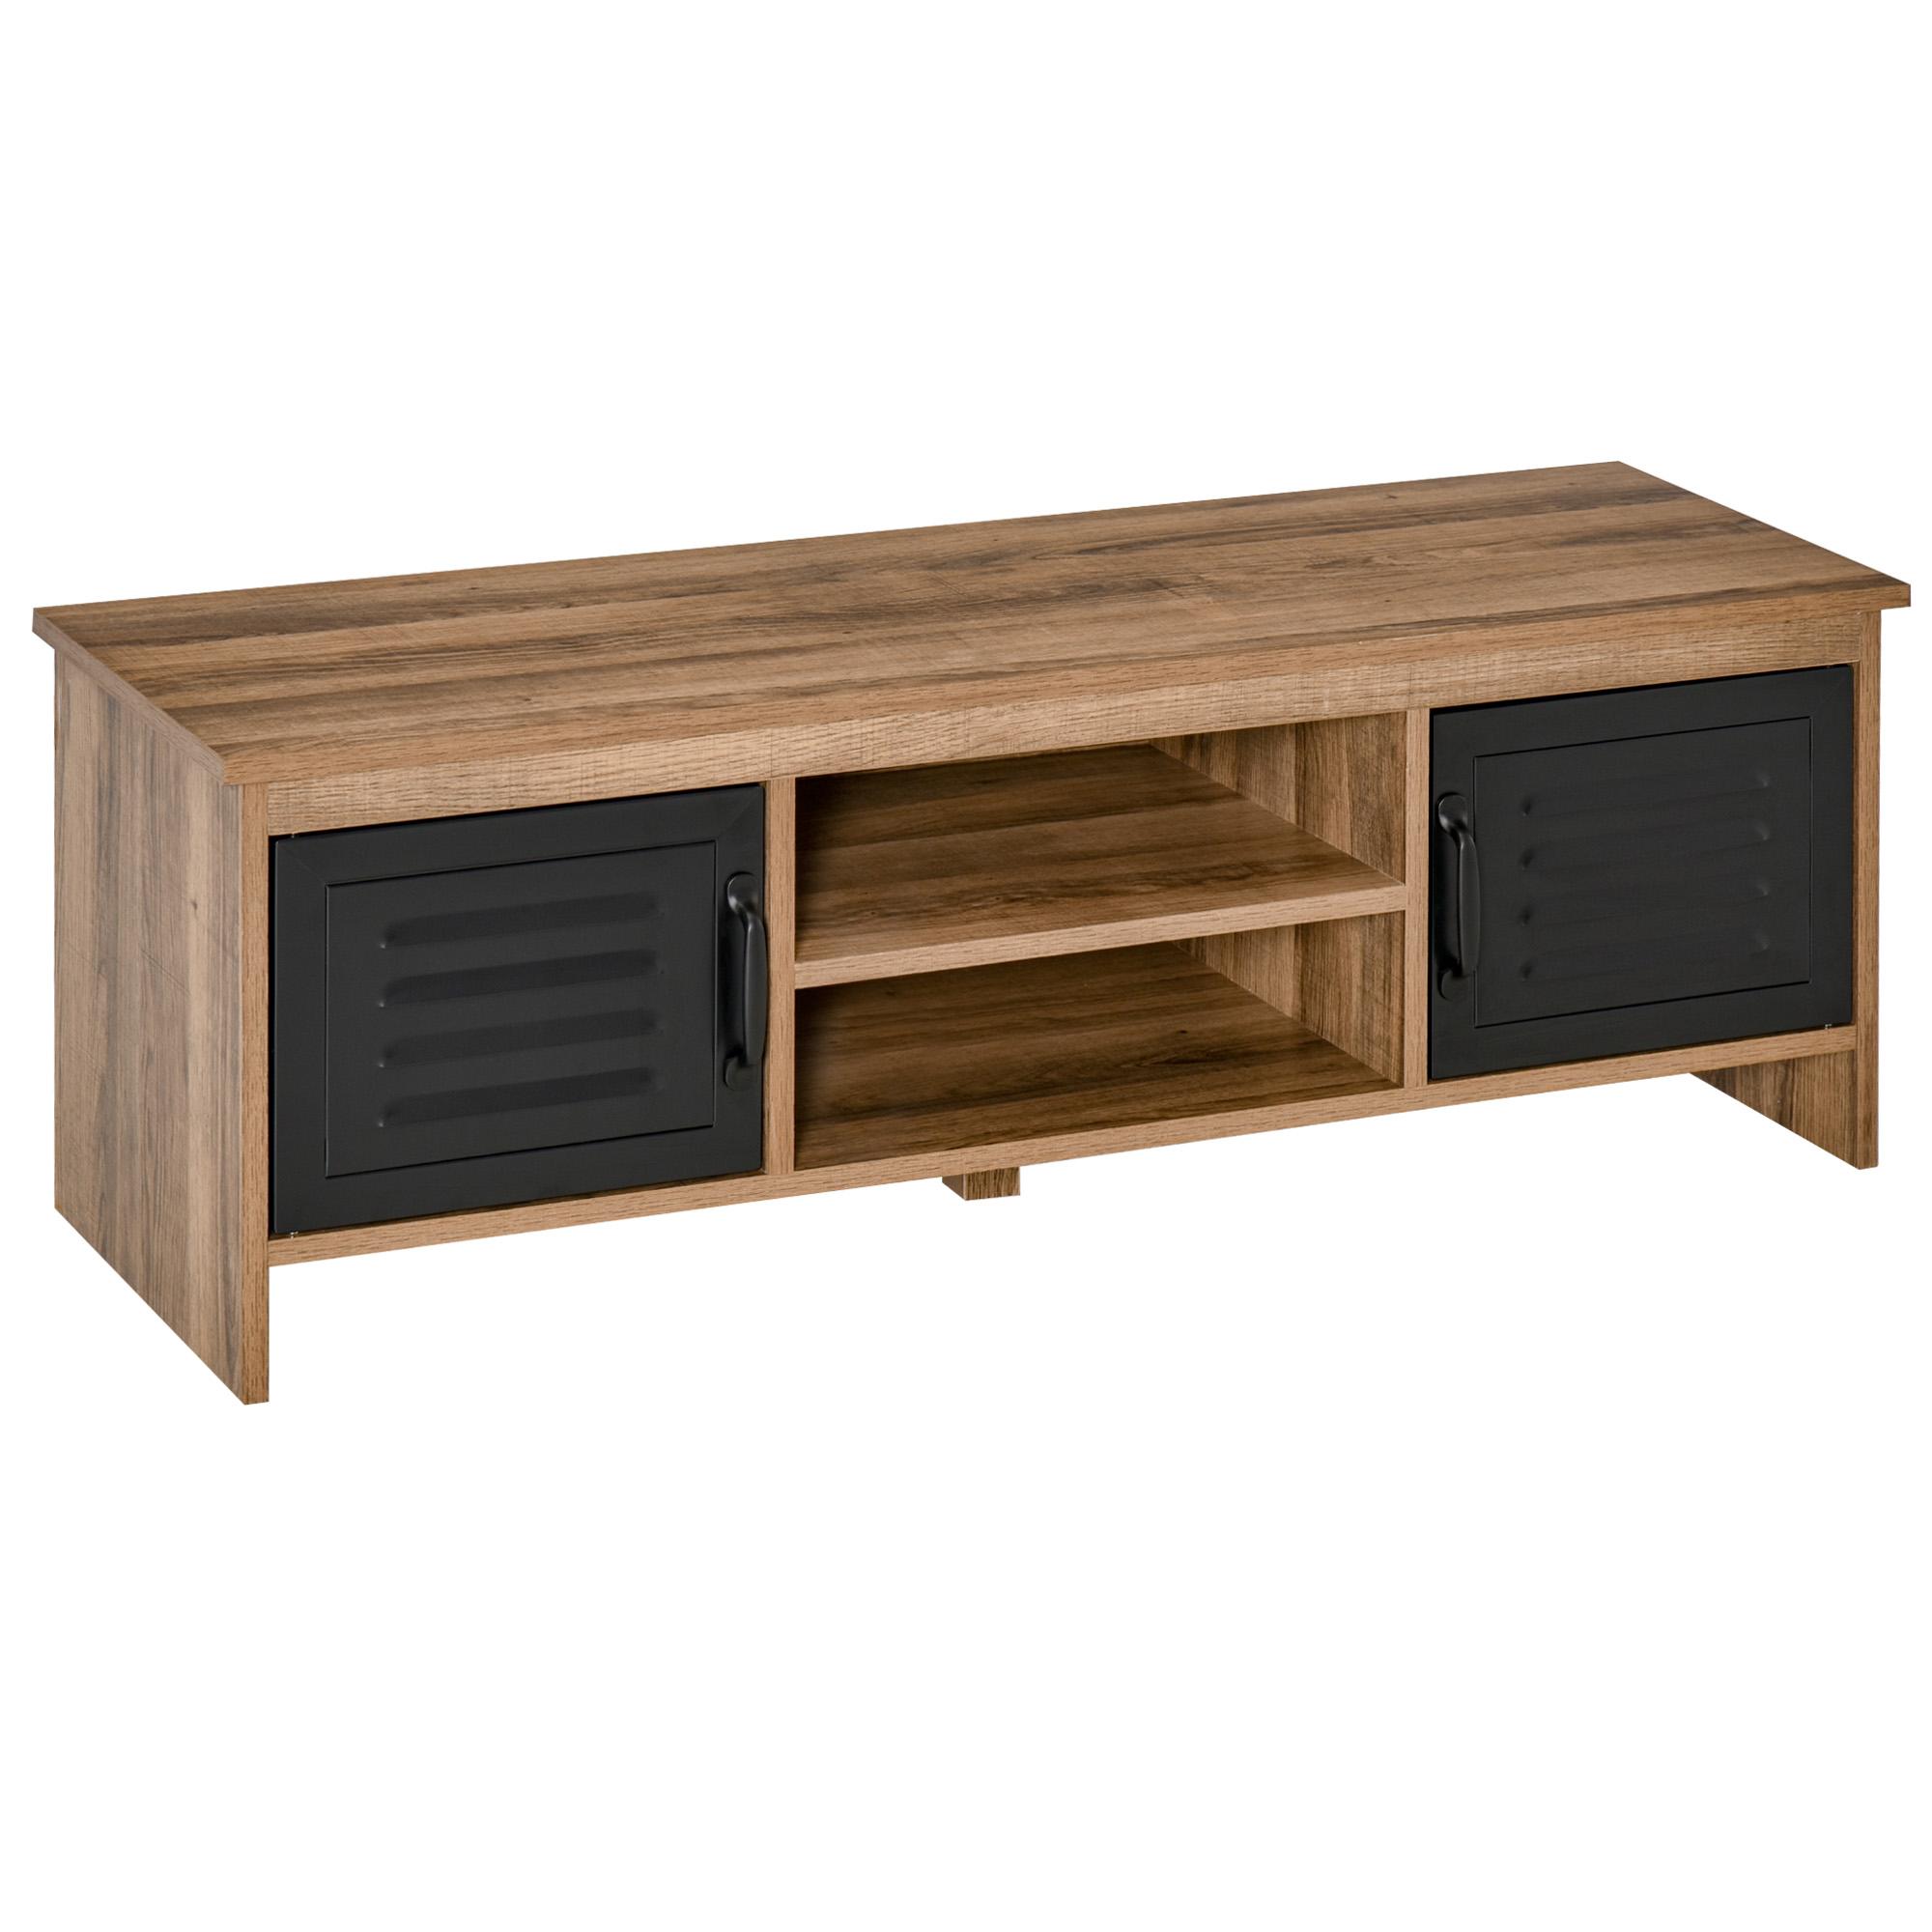 Meuble TV design industriel 2 placards 2 niches aspect bois métal noir